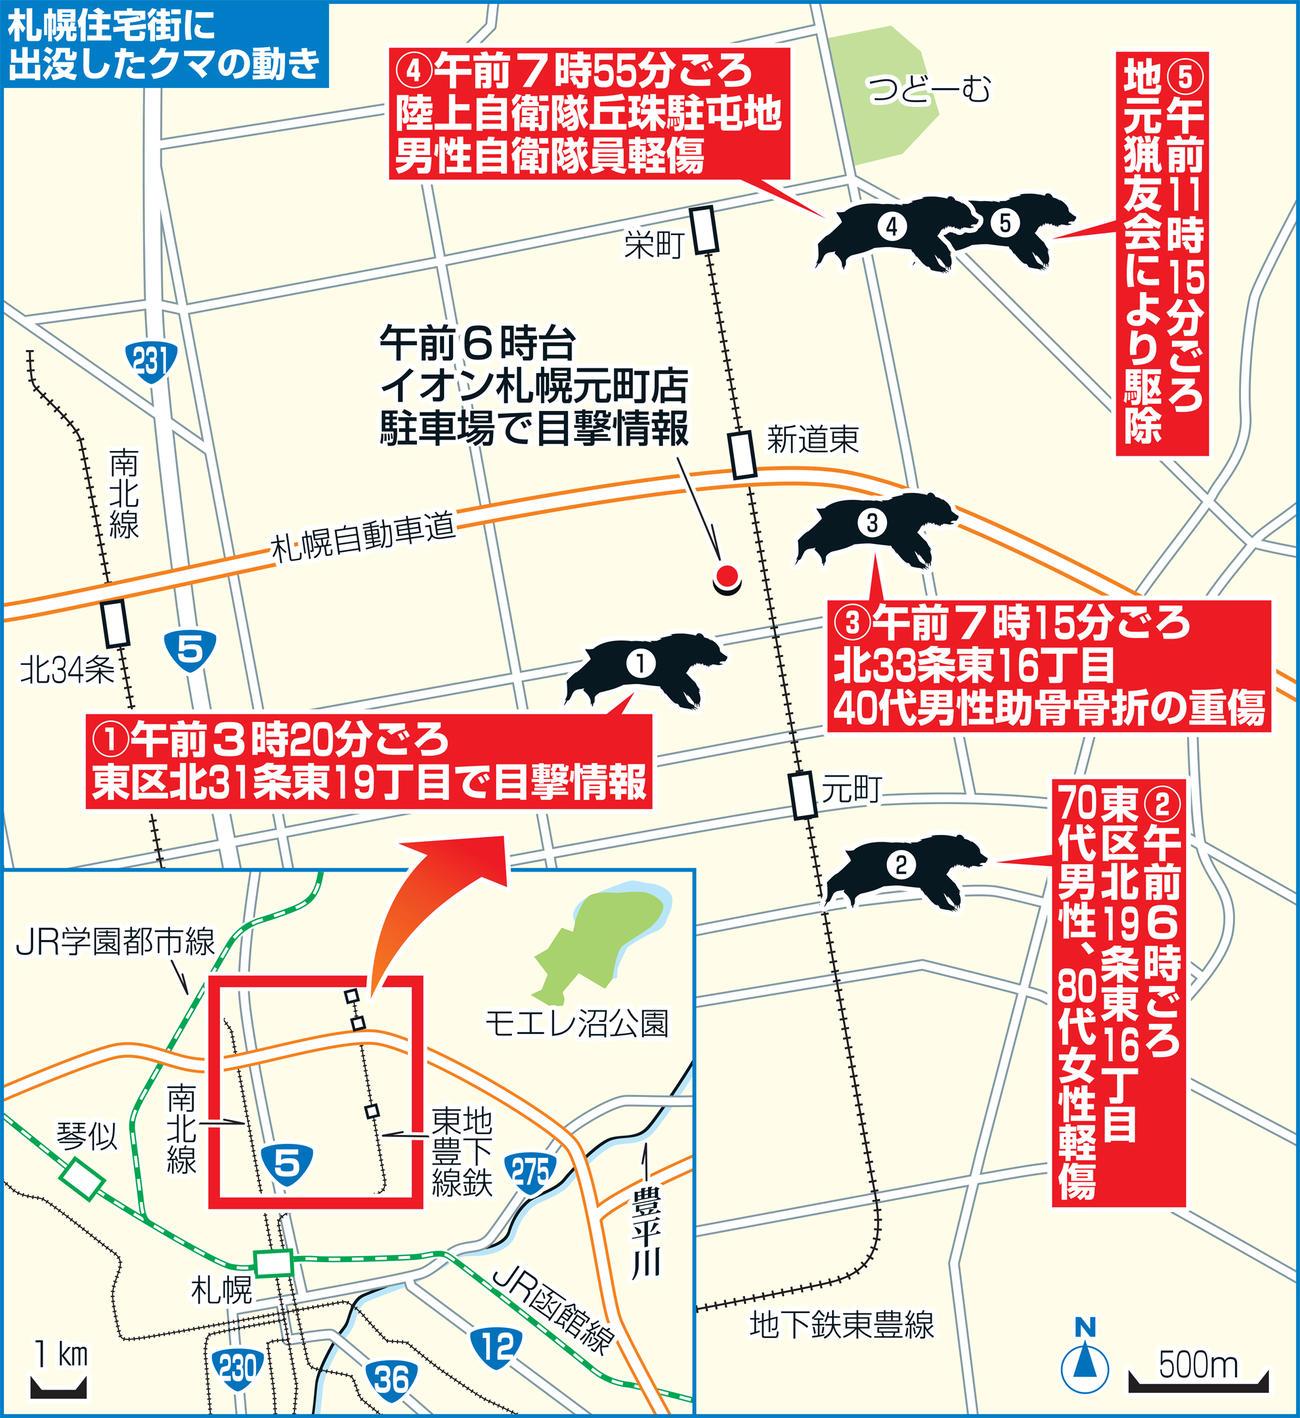 札幌住宅街に出没したクマの動き